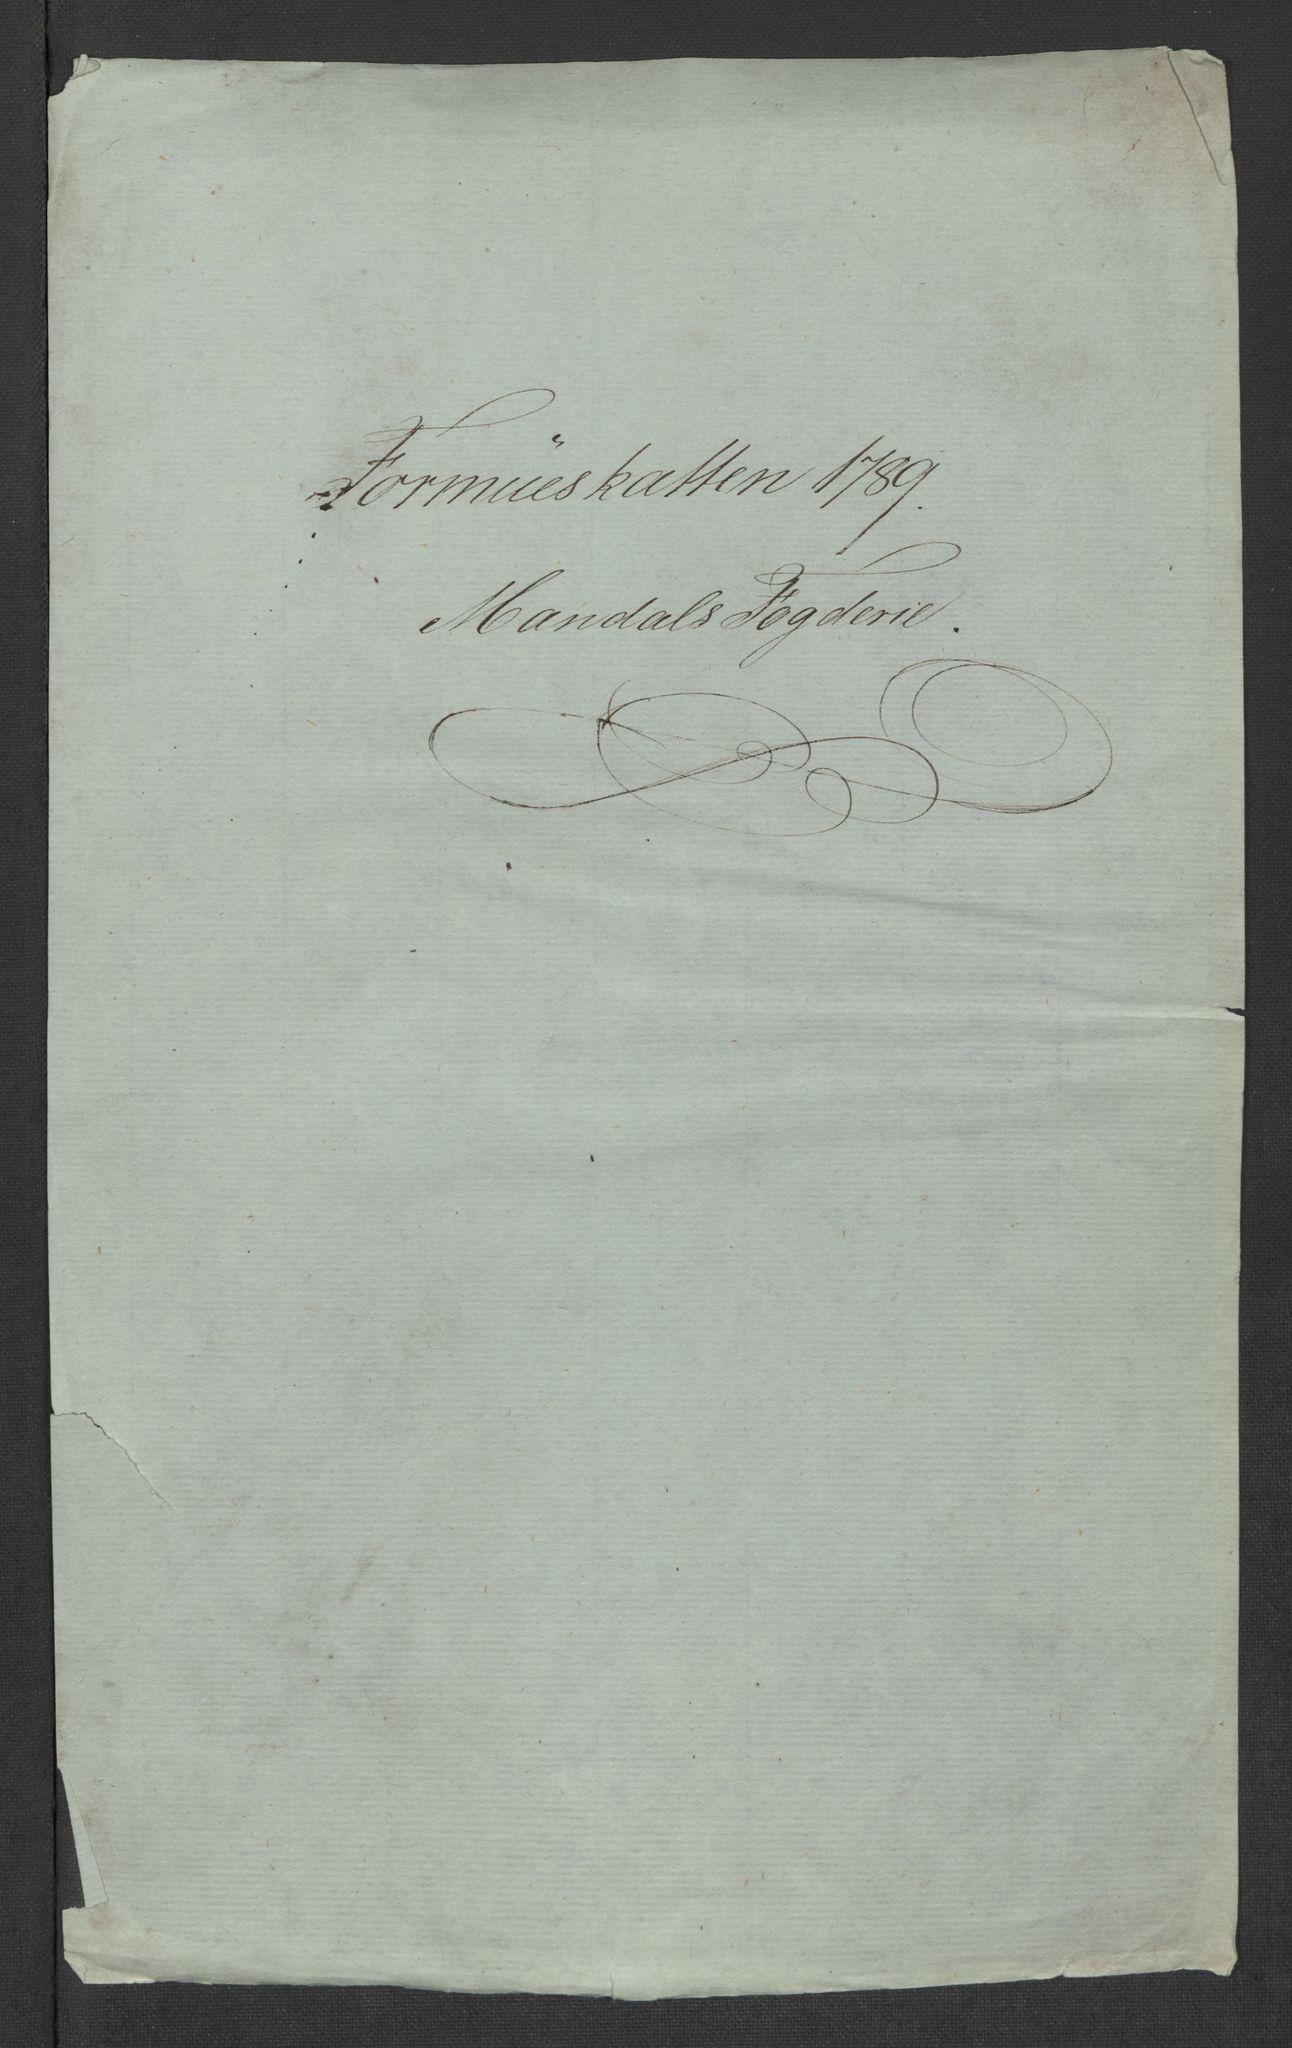 RA, Rentekammeret inntil 1814, Reviderte regnskaper, Mindre regnskaper, Rf/Rfe/L0023: Mandal fogderi, 1789, s. 3